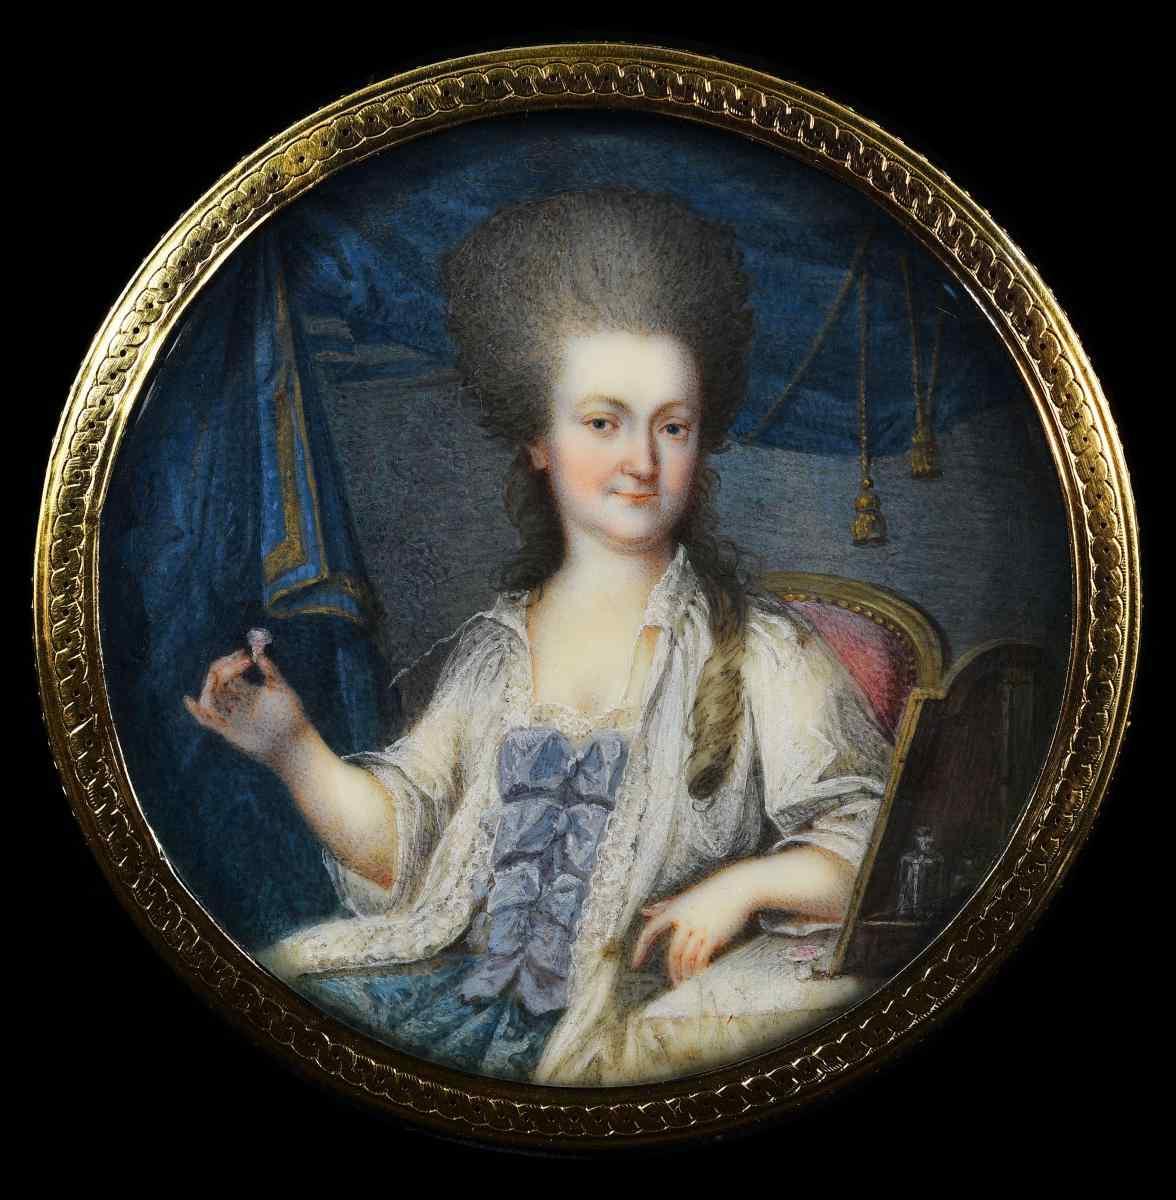 Шведская школа, «Портрет леди с кольцом» Миниатюра